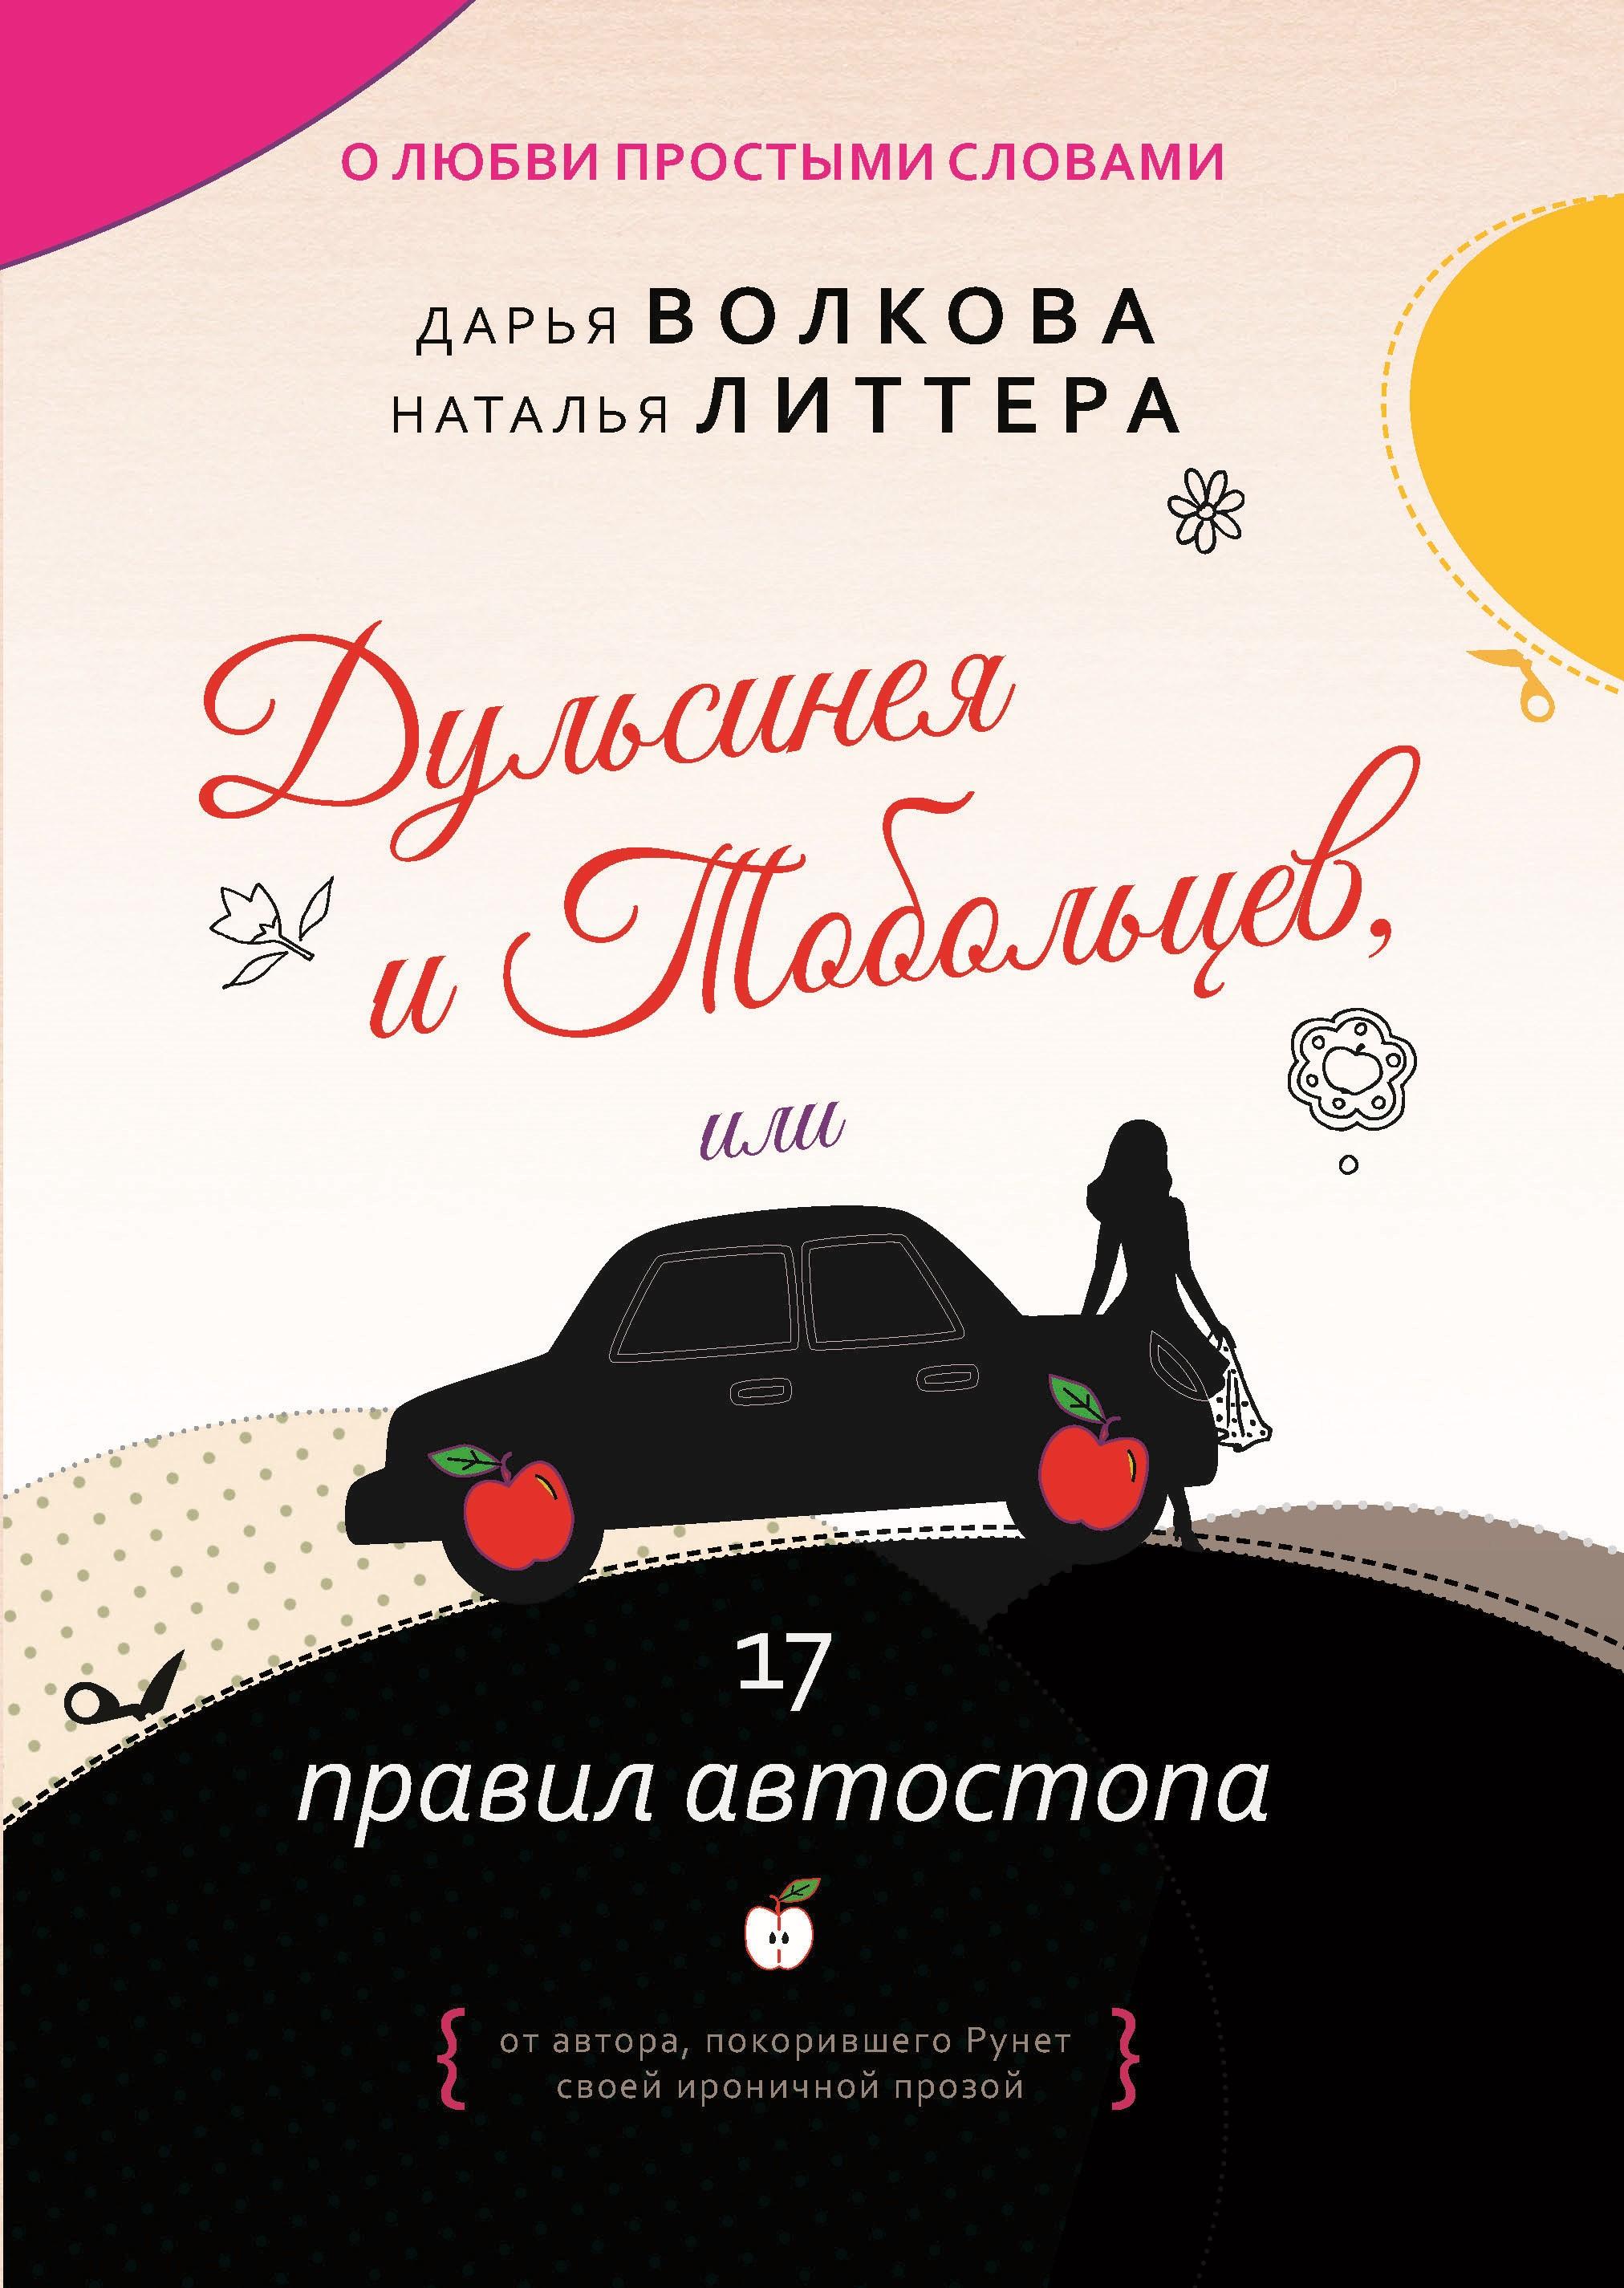 Дарья Волкова Дульсинея и Тобольцев, или 17 правил автостопа дарья волкова наталья литтера дульсинея и тобольцев или 17 правил автостопа